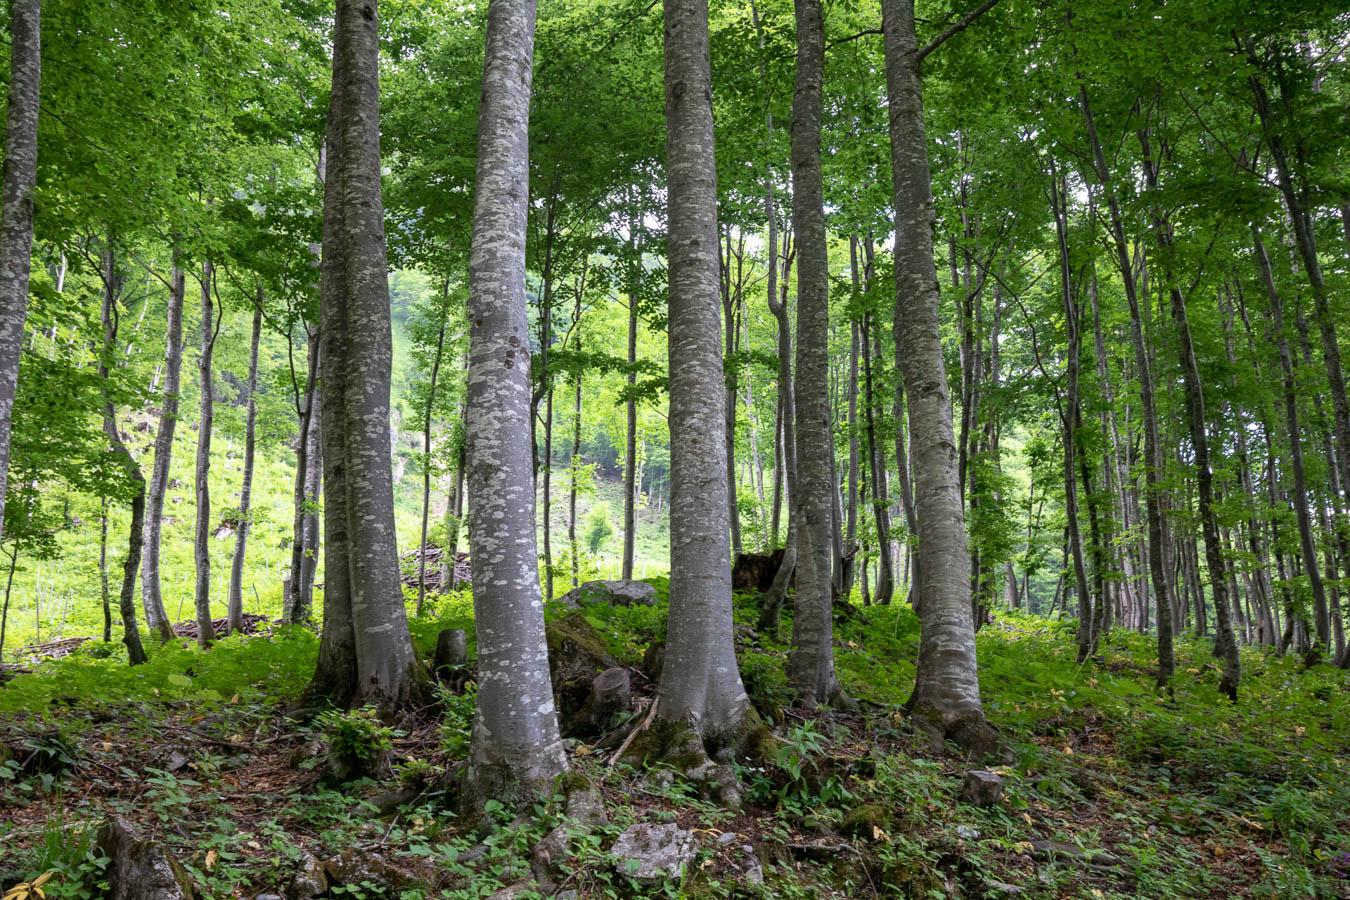 villa-sonnata-omgeving-bos,-bos,-bos